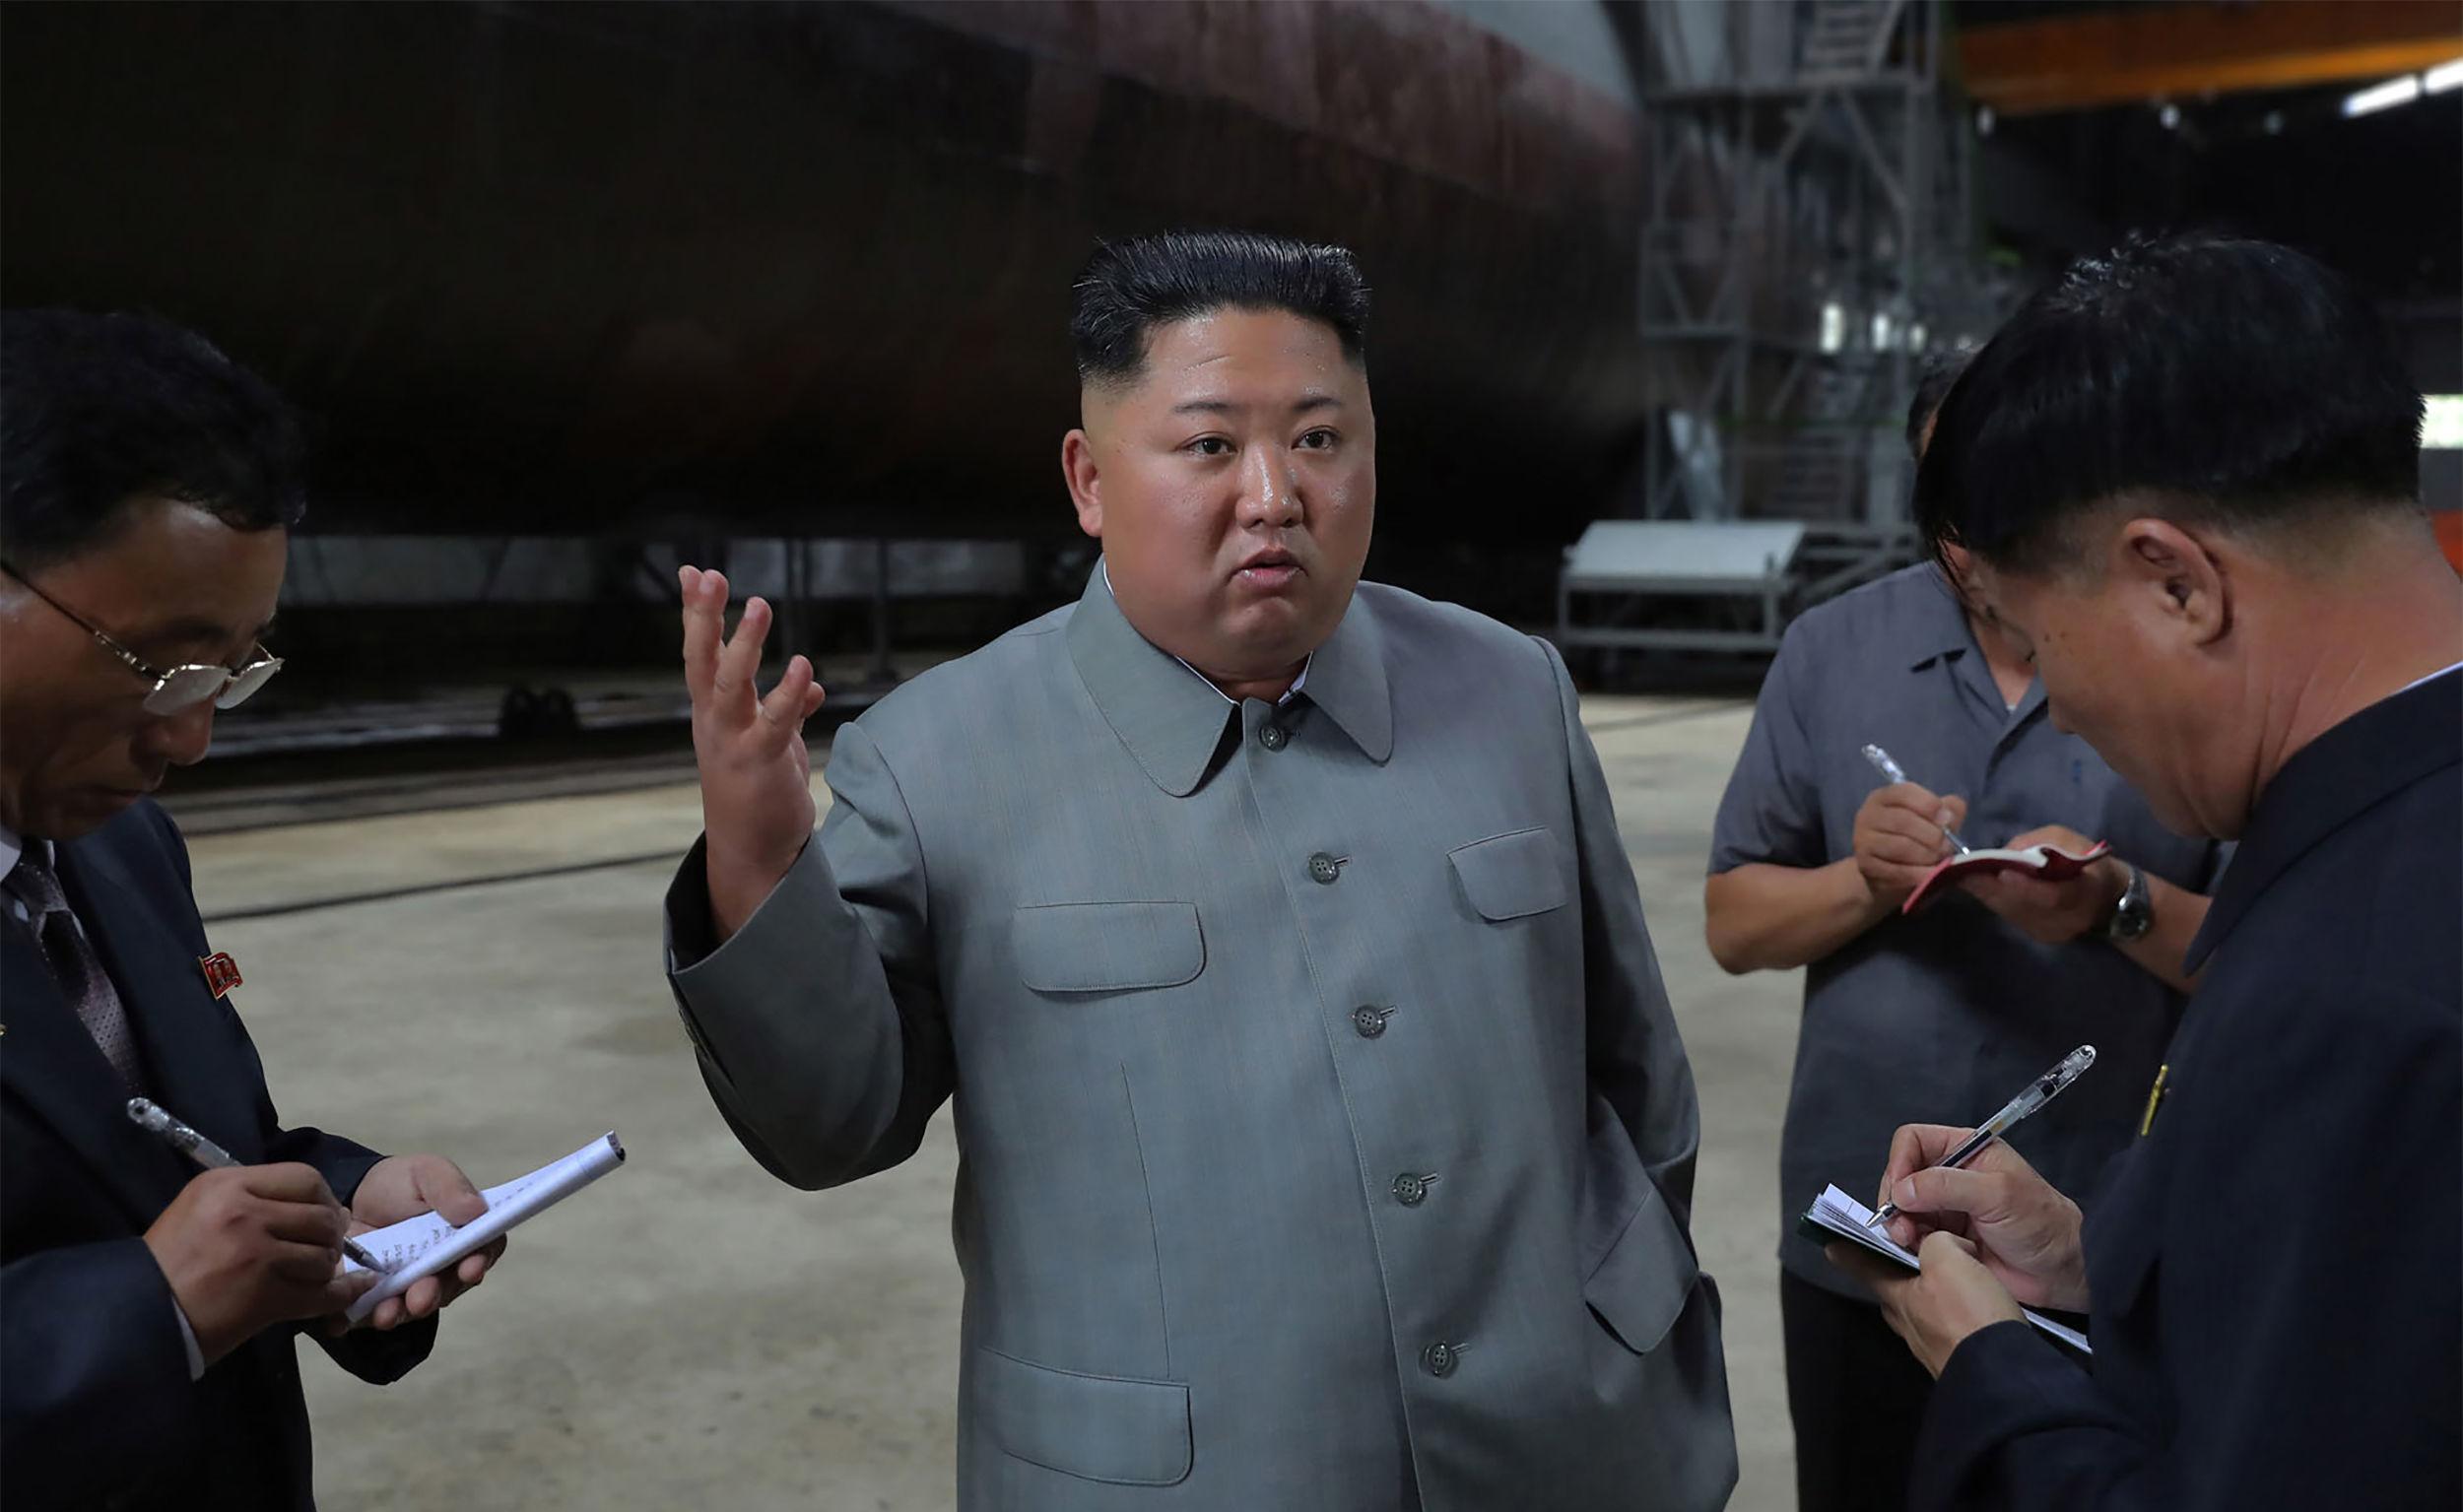 El líder norcoreano, Kim Jong-un, inspecciona el submarino de nueva construcción.